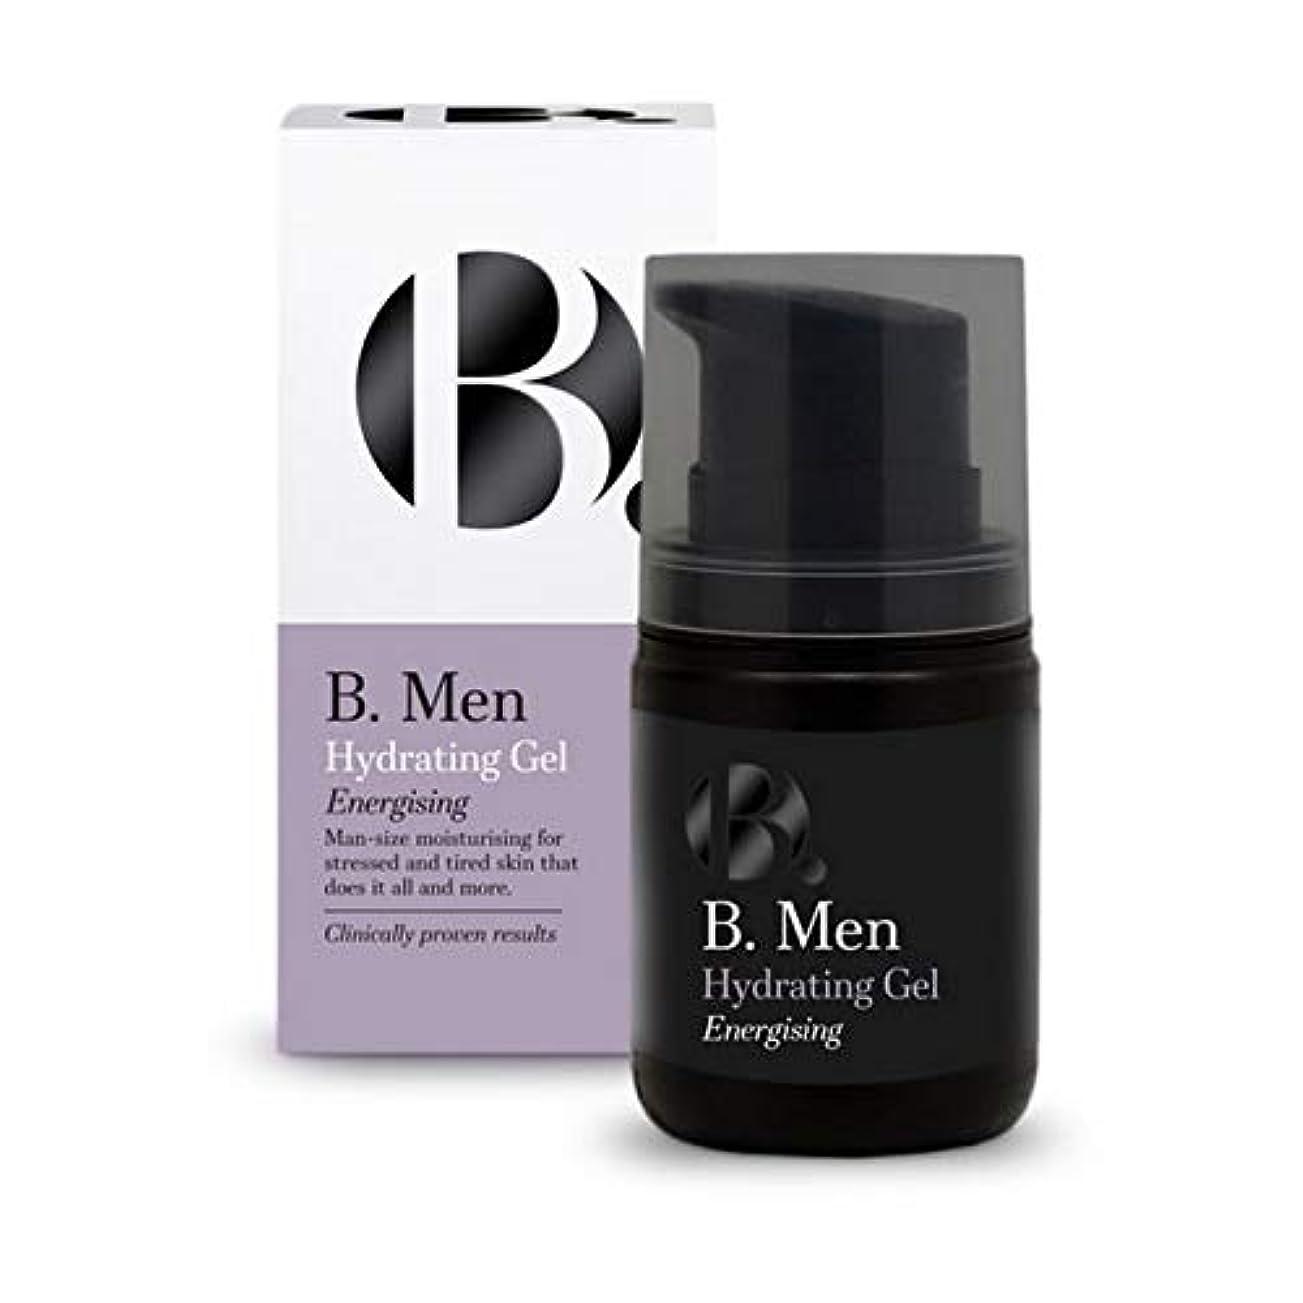 夕方葉っぱにはまって[B Men] B。男性は水和ゲルを通電しました - B. Men Energised Hydrating Gel [並行輸入品]